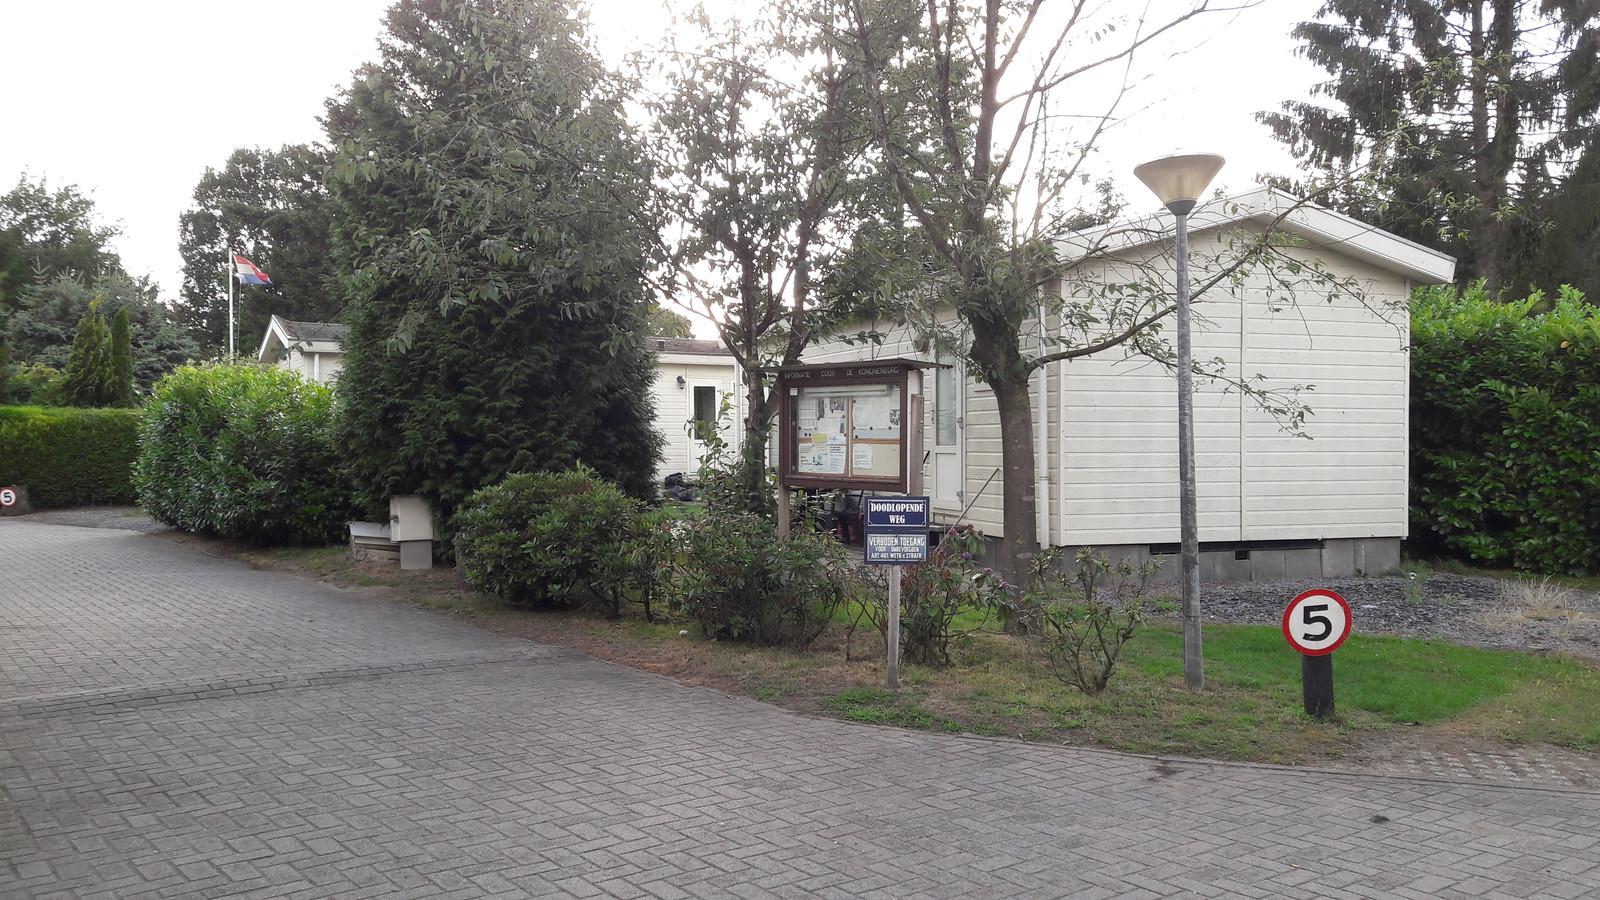 Recreatiebungalows op de Veluwe worden niet altijd gebruikt voor recreatie, maar ook voor permanente bewoning. Elf Veluwse gemeenten willen de vakantieparken weer omvormen tot recreatiebedrijven, ze werken samen in het programma Vitale Vakantieparken.